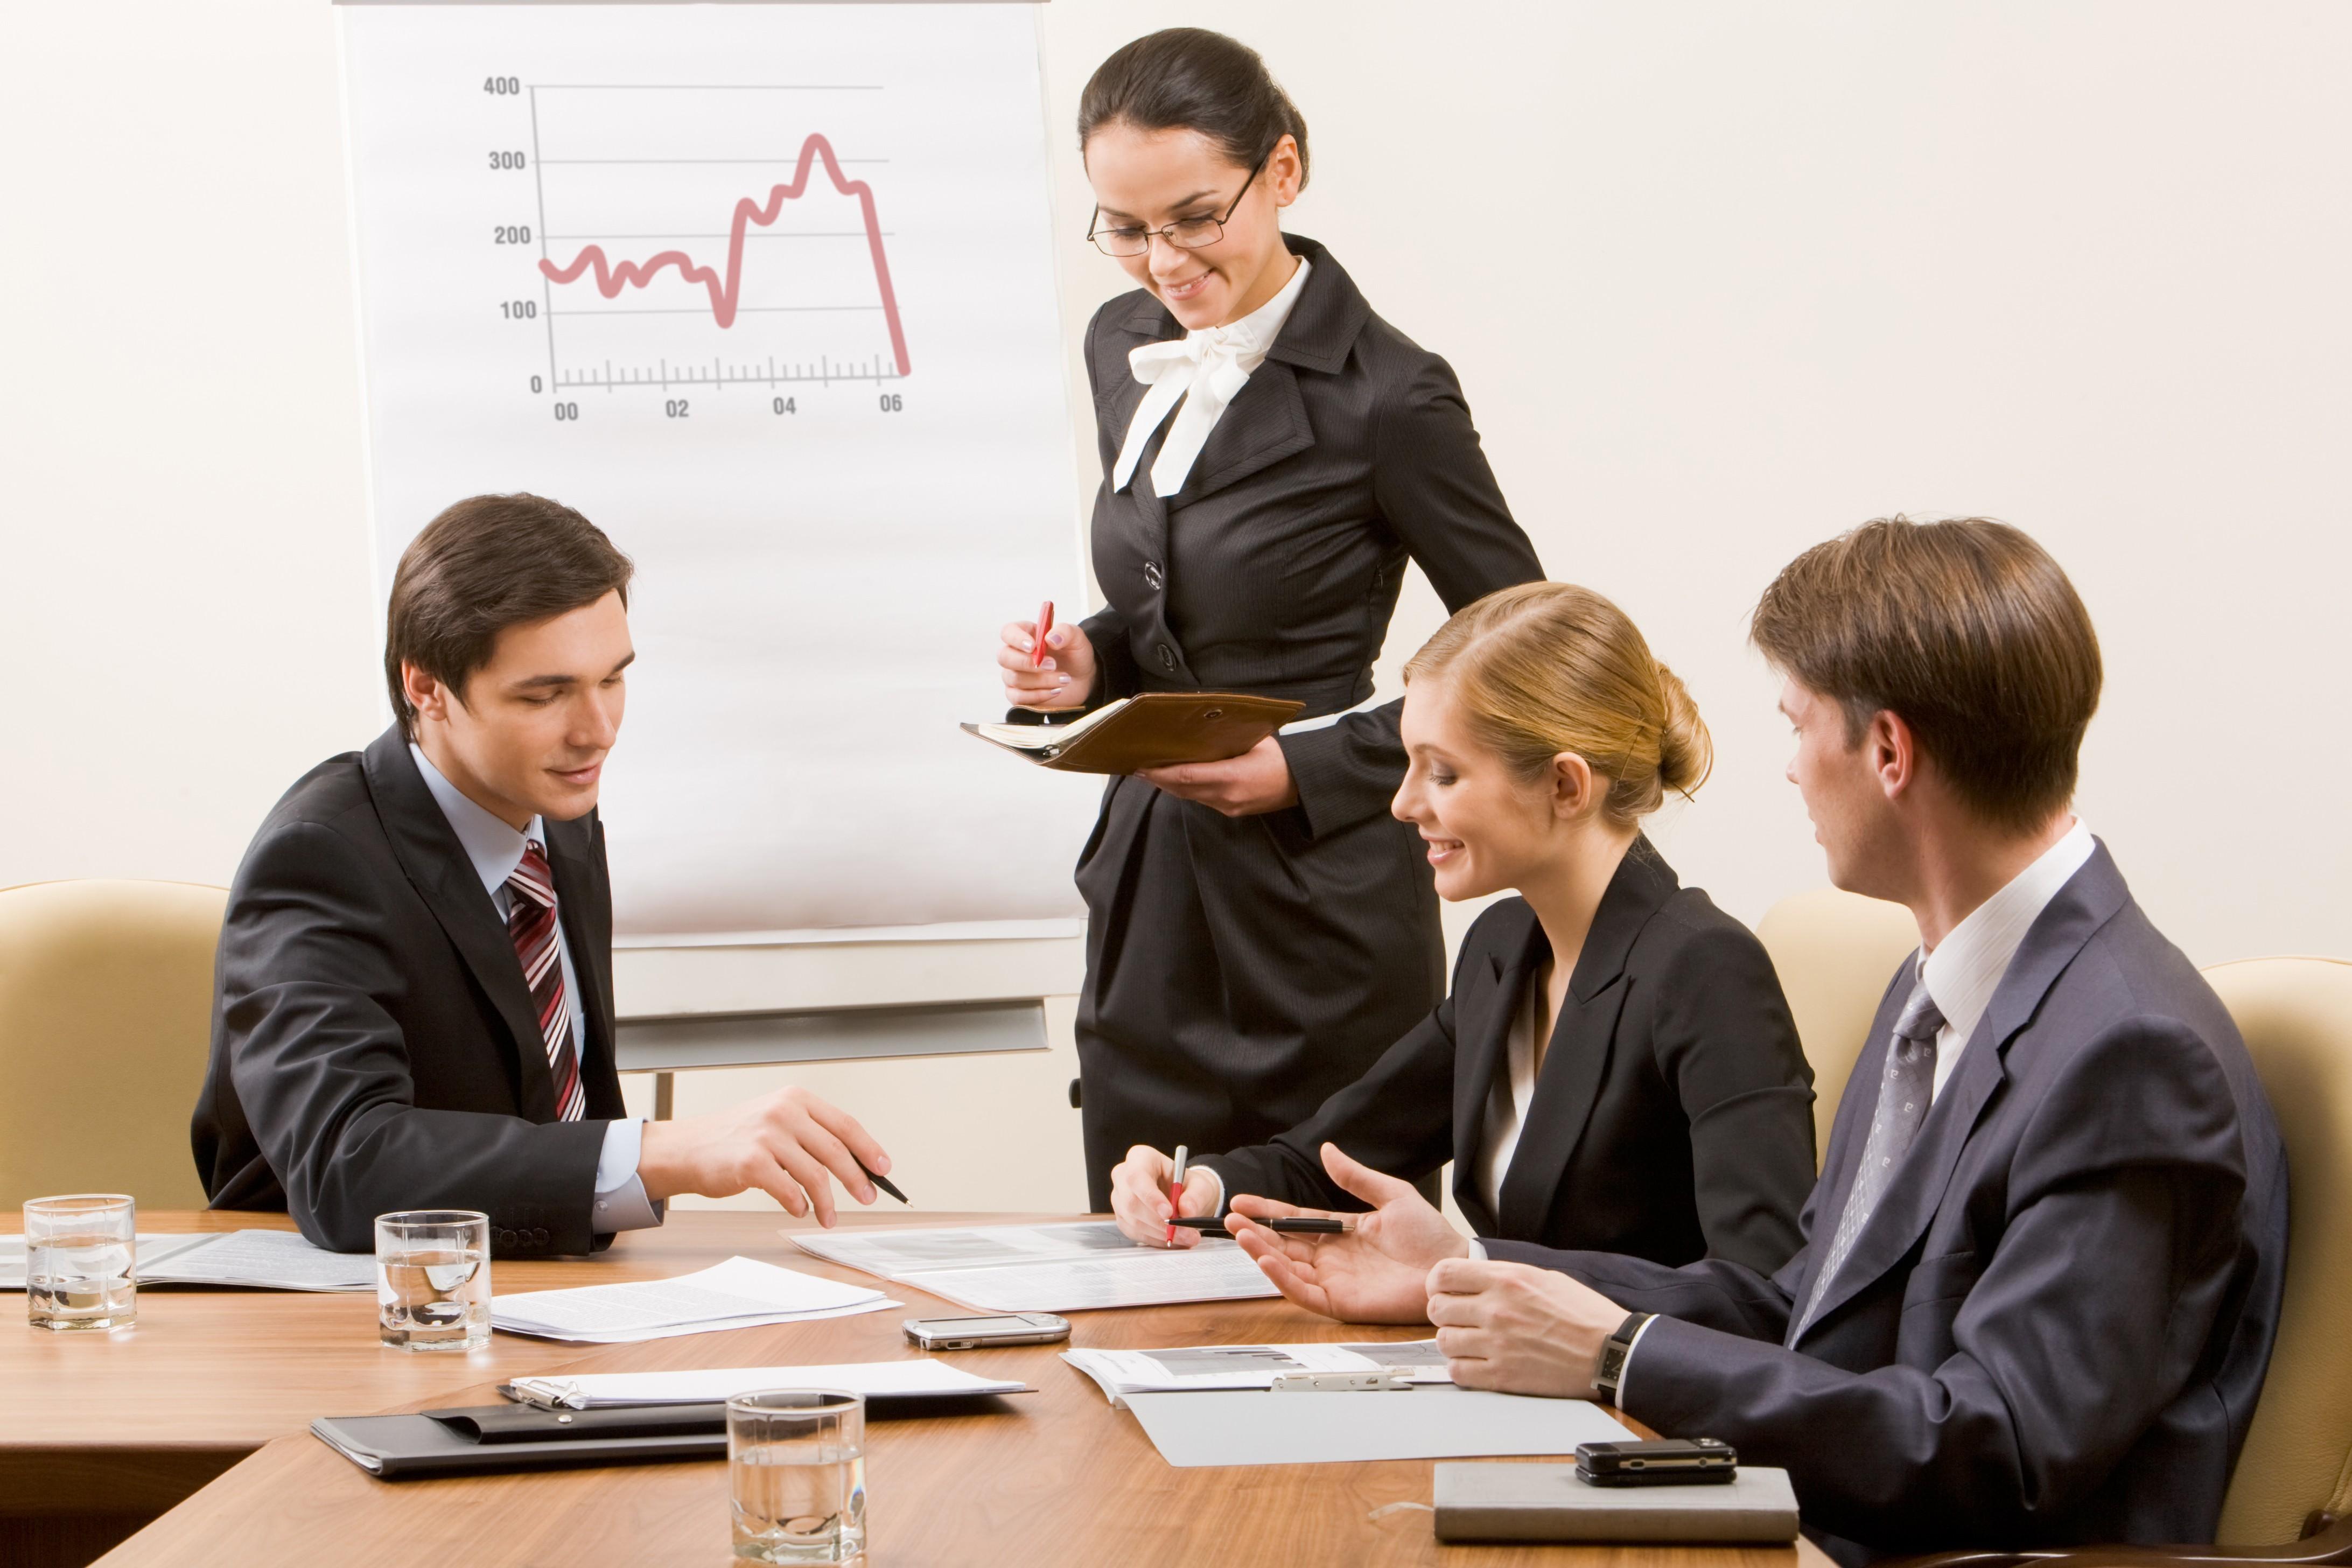 Manažer štíhlé výroby, kurz na zlepšování výrobních procesů Zlín